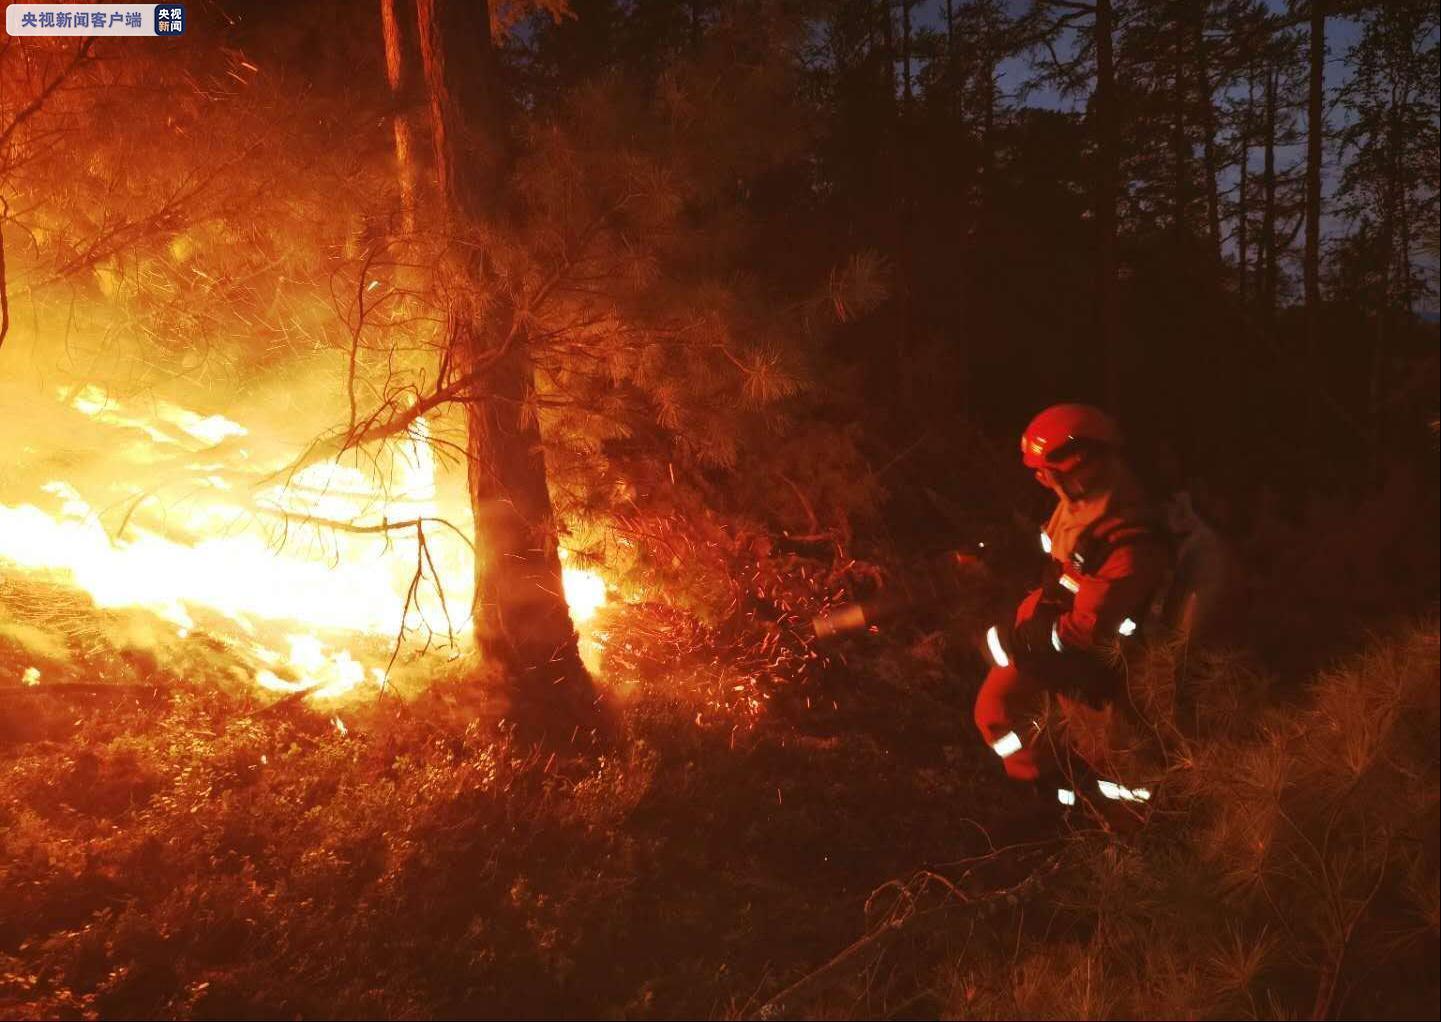 内蒙古大兴安岭毛河林场火灾外线明火被扑灭图片